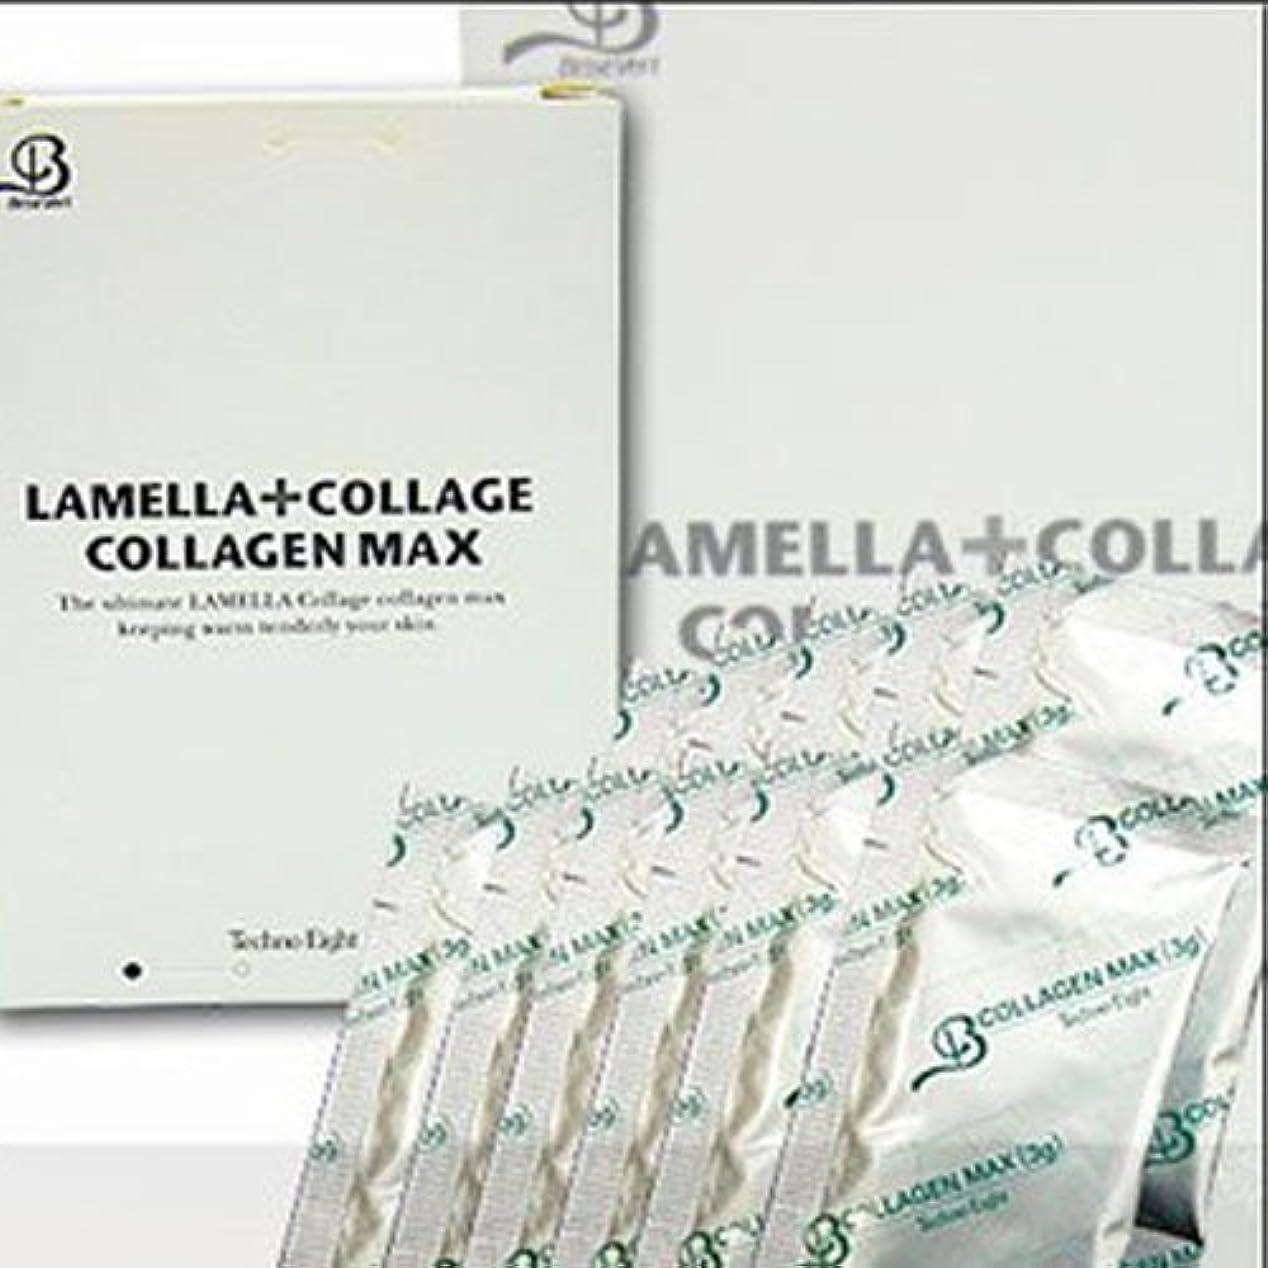 良心チェス区別テクノエイト ブリーズベール ラメラ コラージュ Collagen MAX 30g (3gX10包) コラーゲンマックス